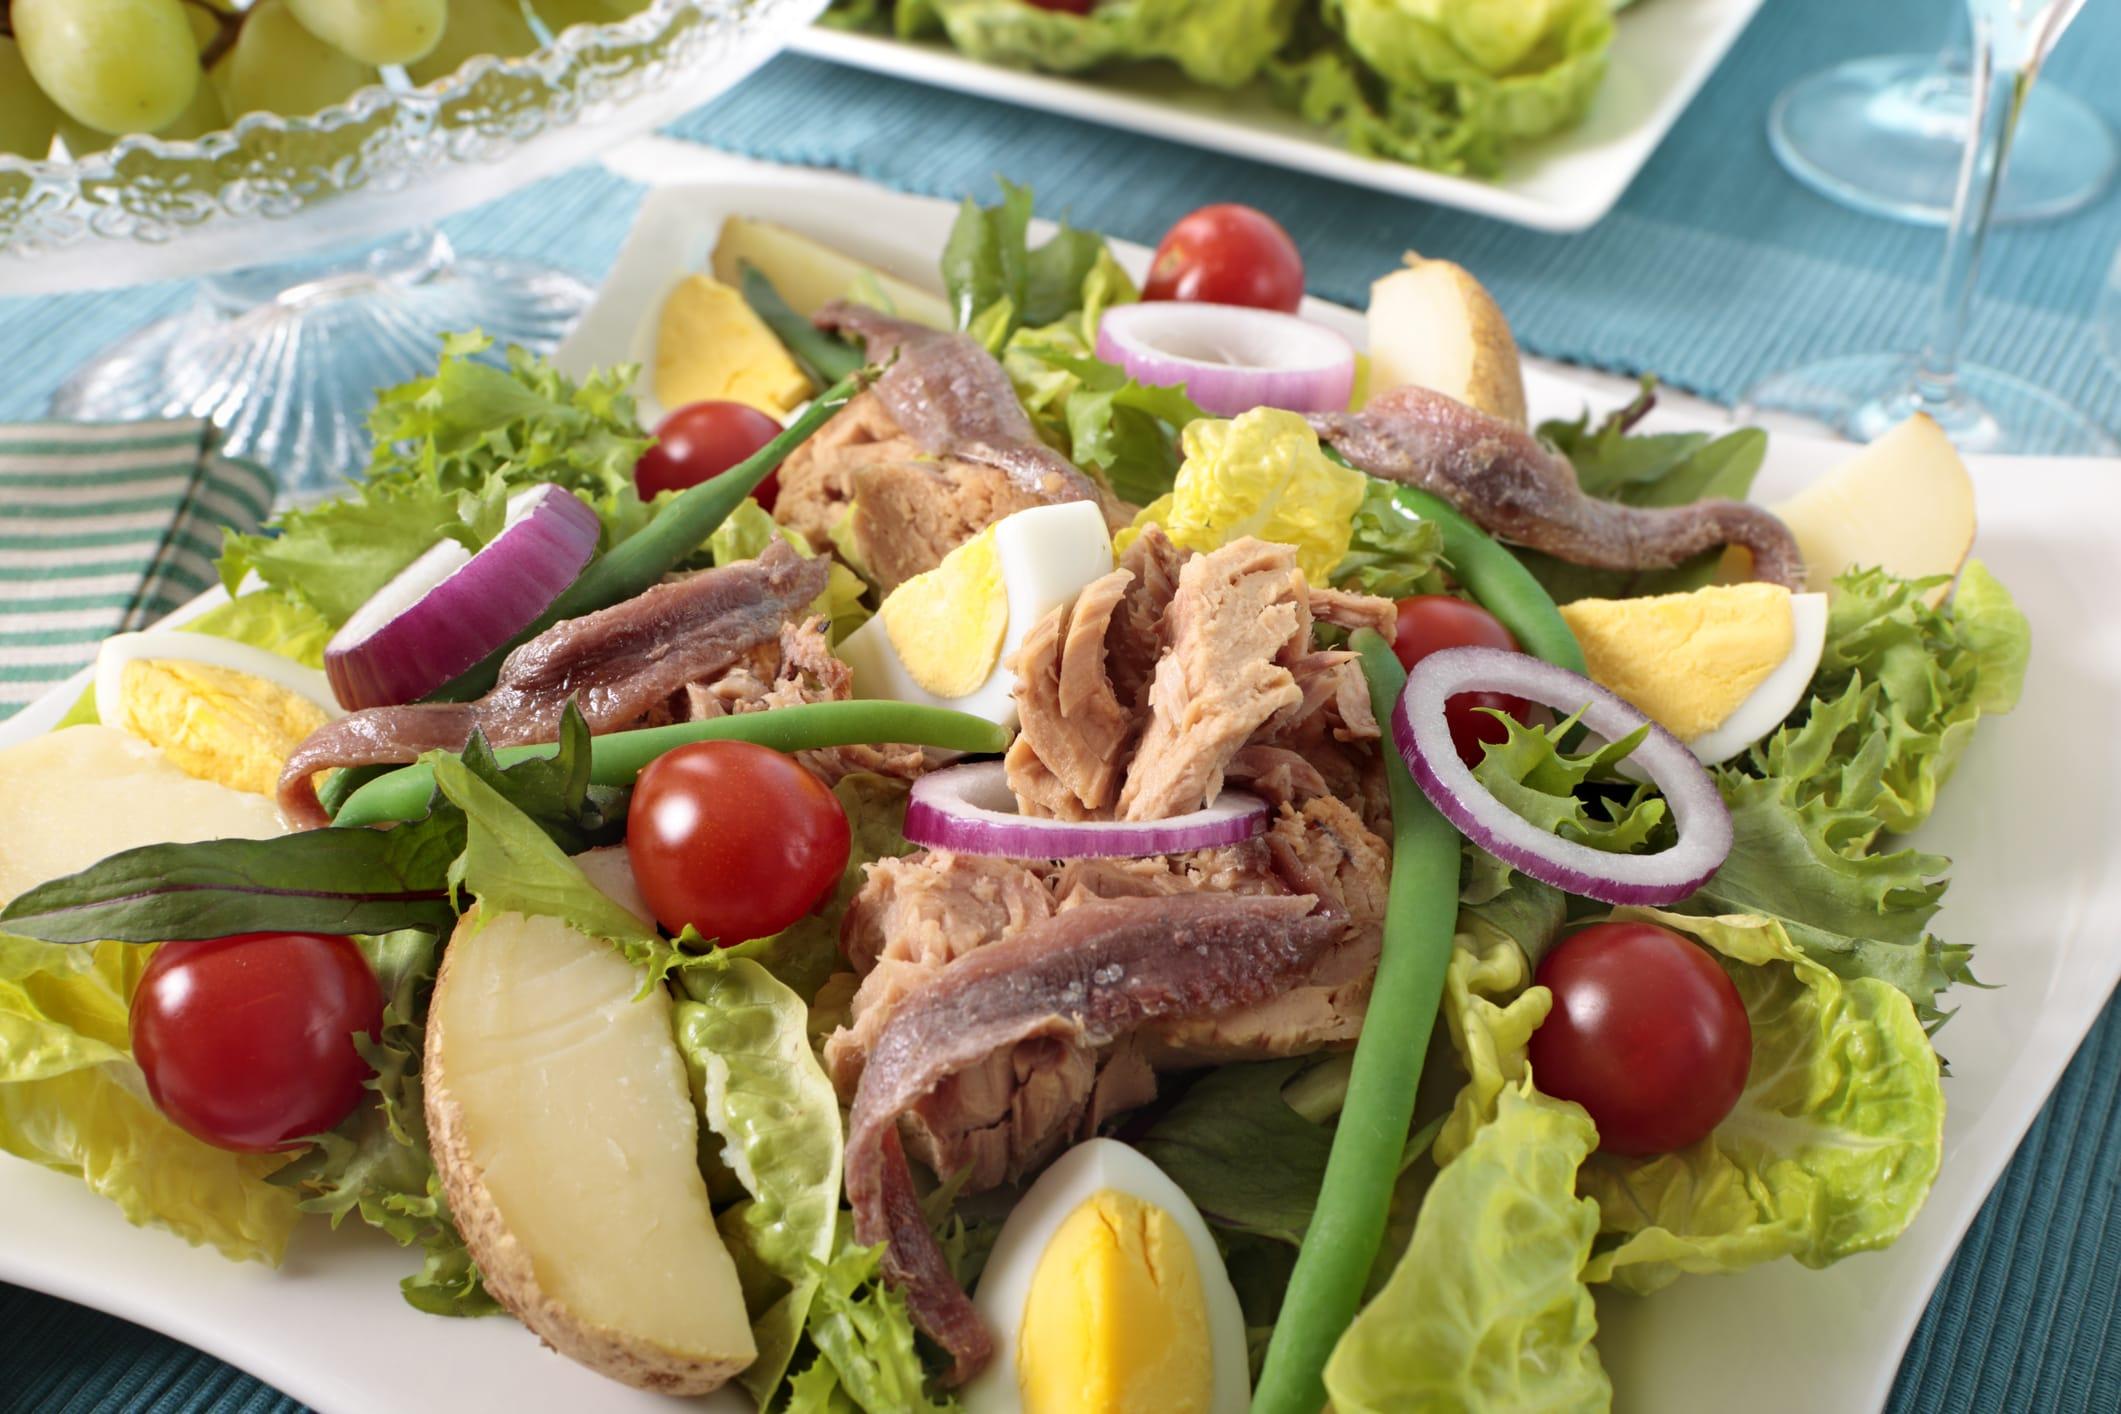 Ricette della cucina francese approfondimenti curiosit e notizie sulla cucina francese - Cucinare le uova ...